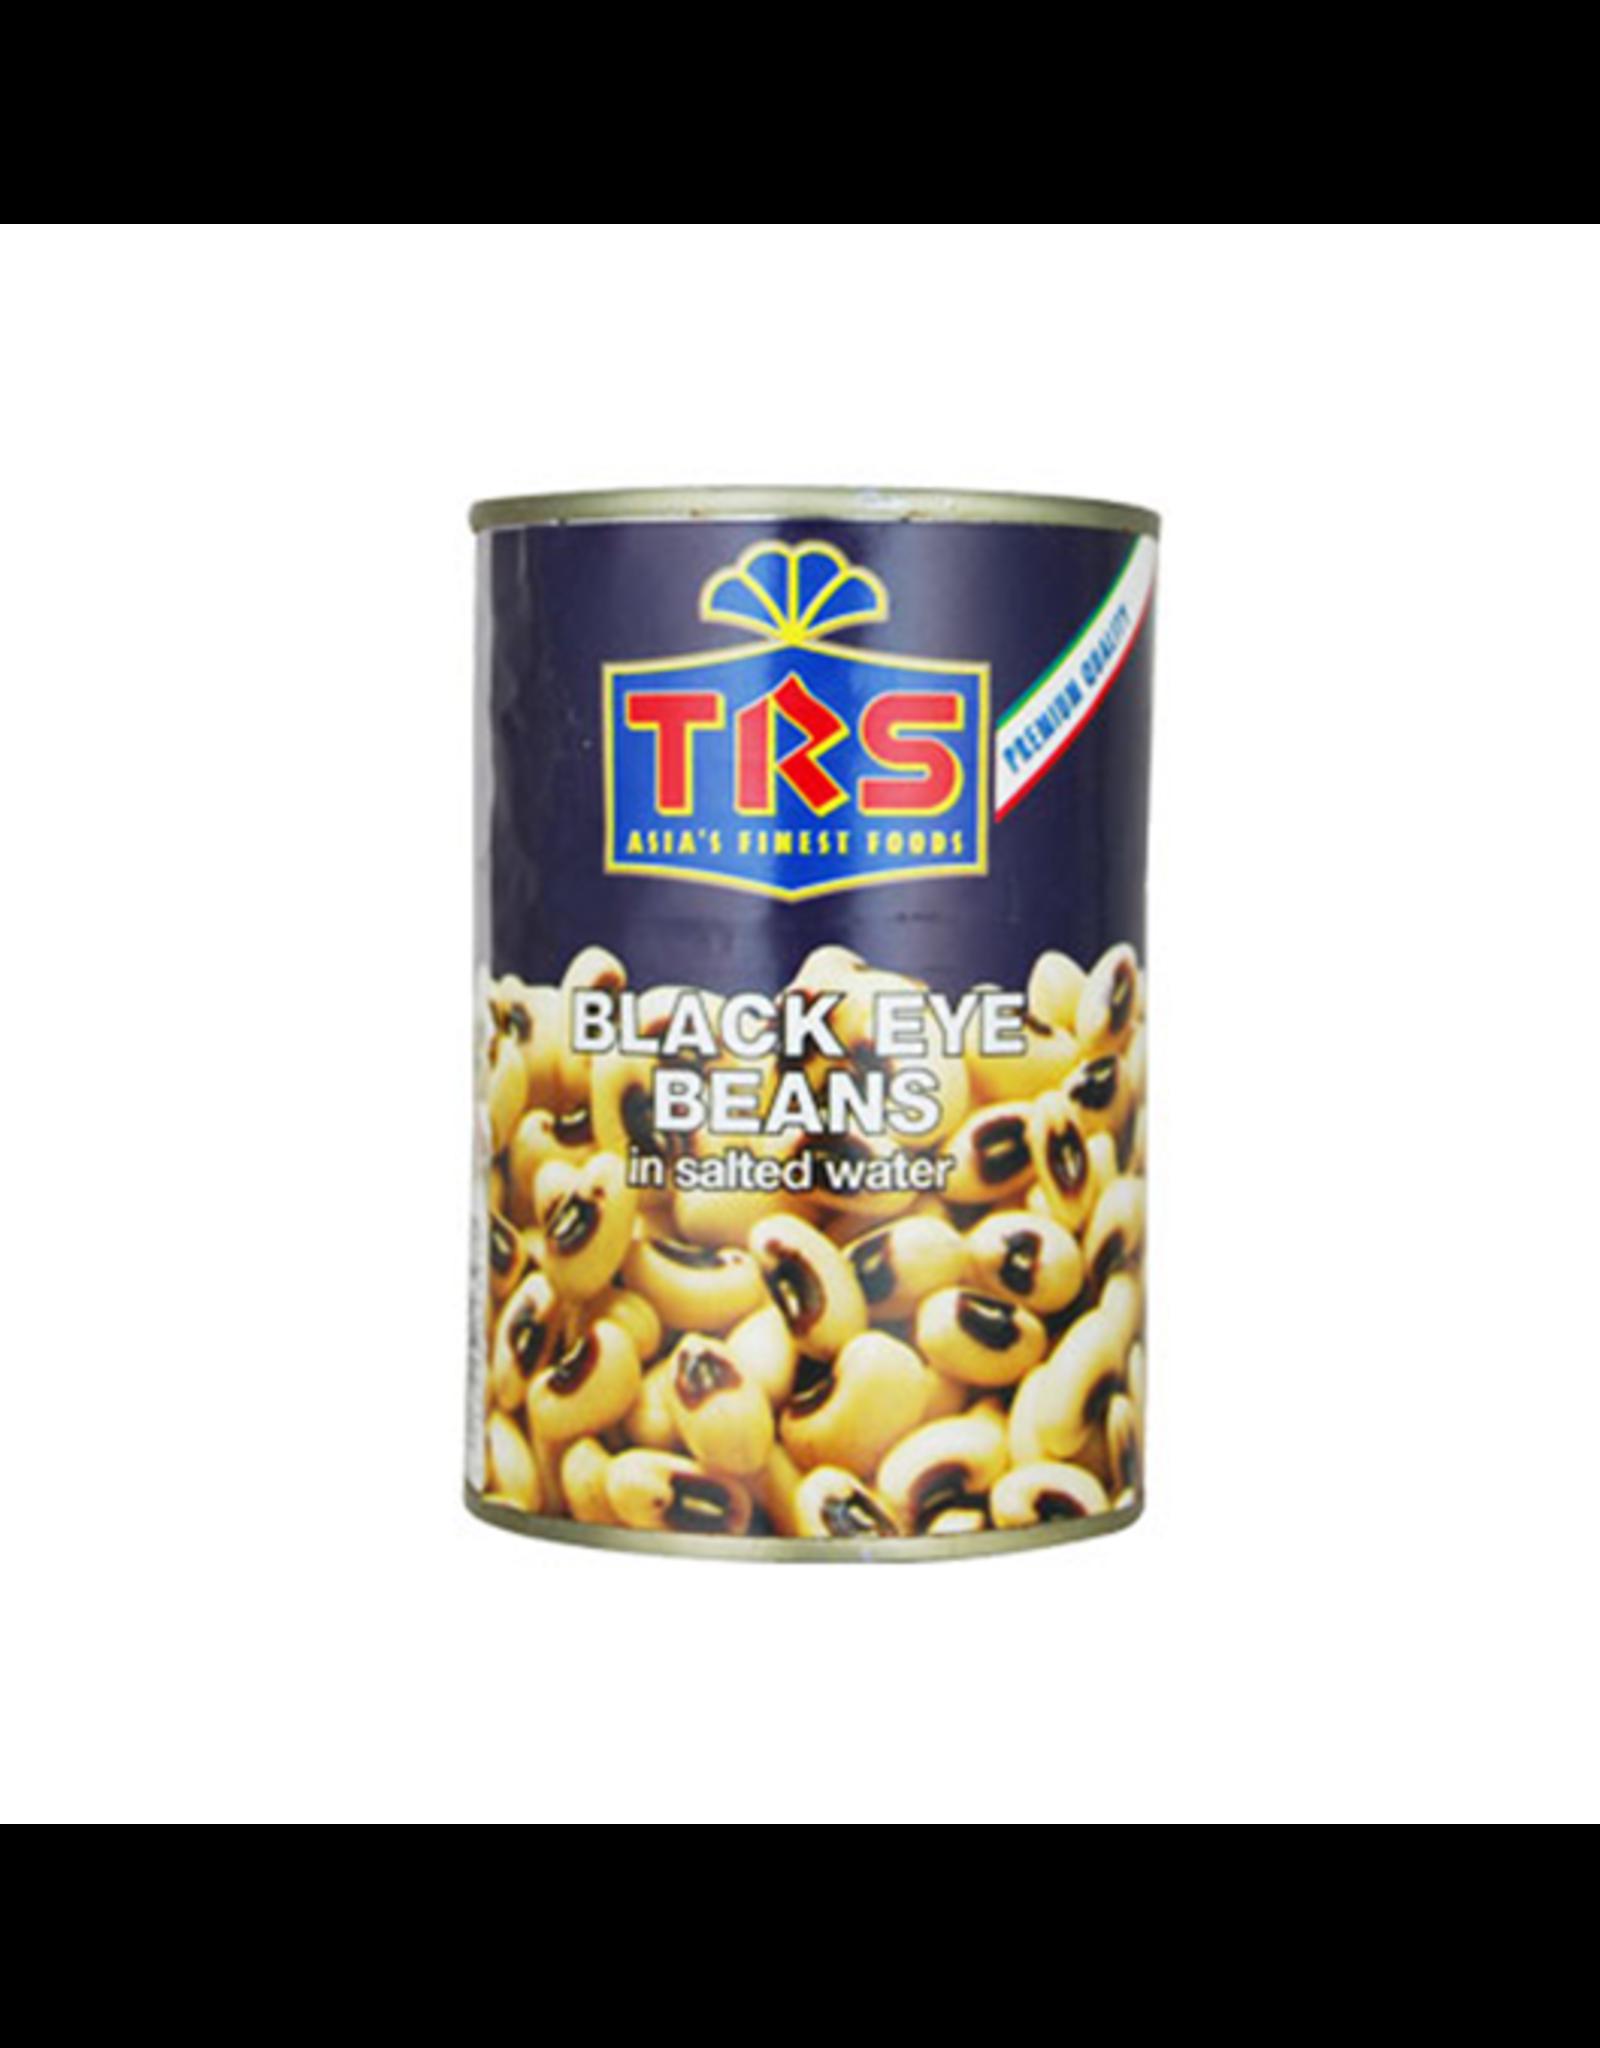 TRS Black Eye Beans boiler in water